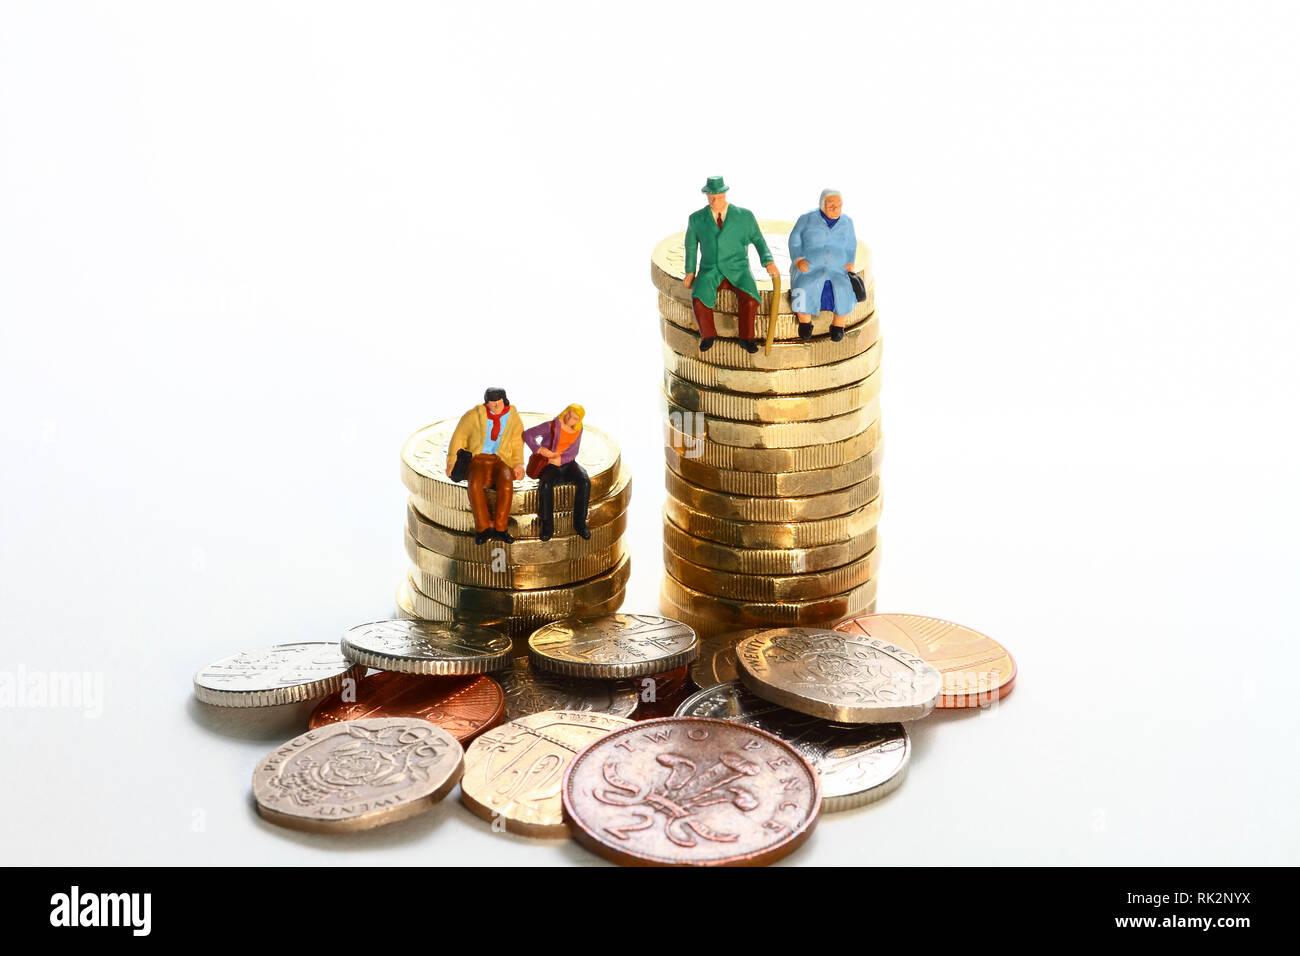 Konzeptionelle diorama Bild einer miniaturausgabe Abbildung Rentnerehepaar und junges Paar saß auf einem Stapel von Pfund Münzen Stockfoto